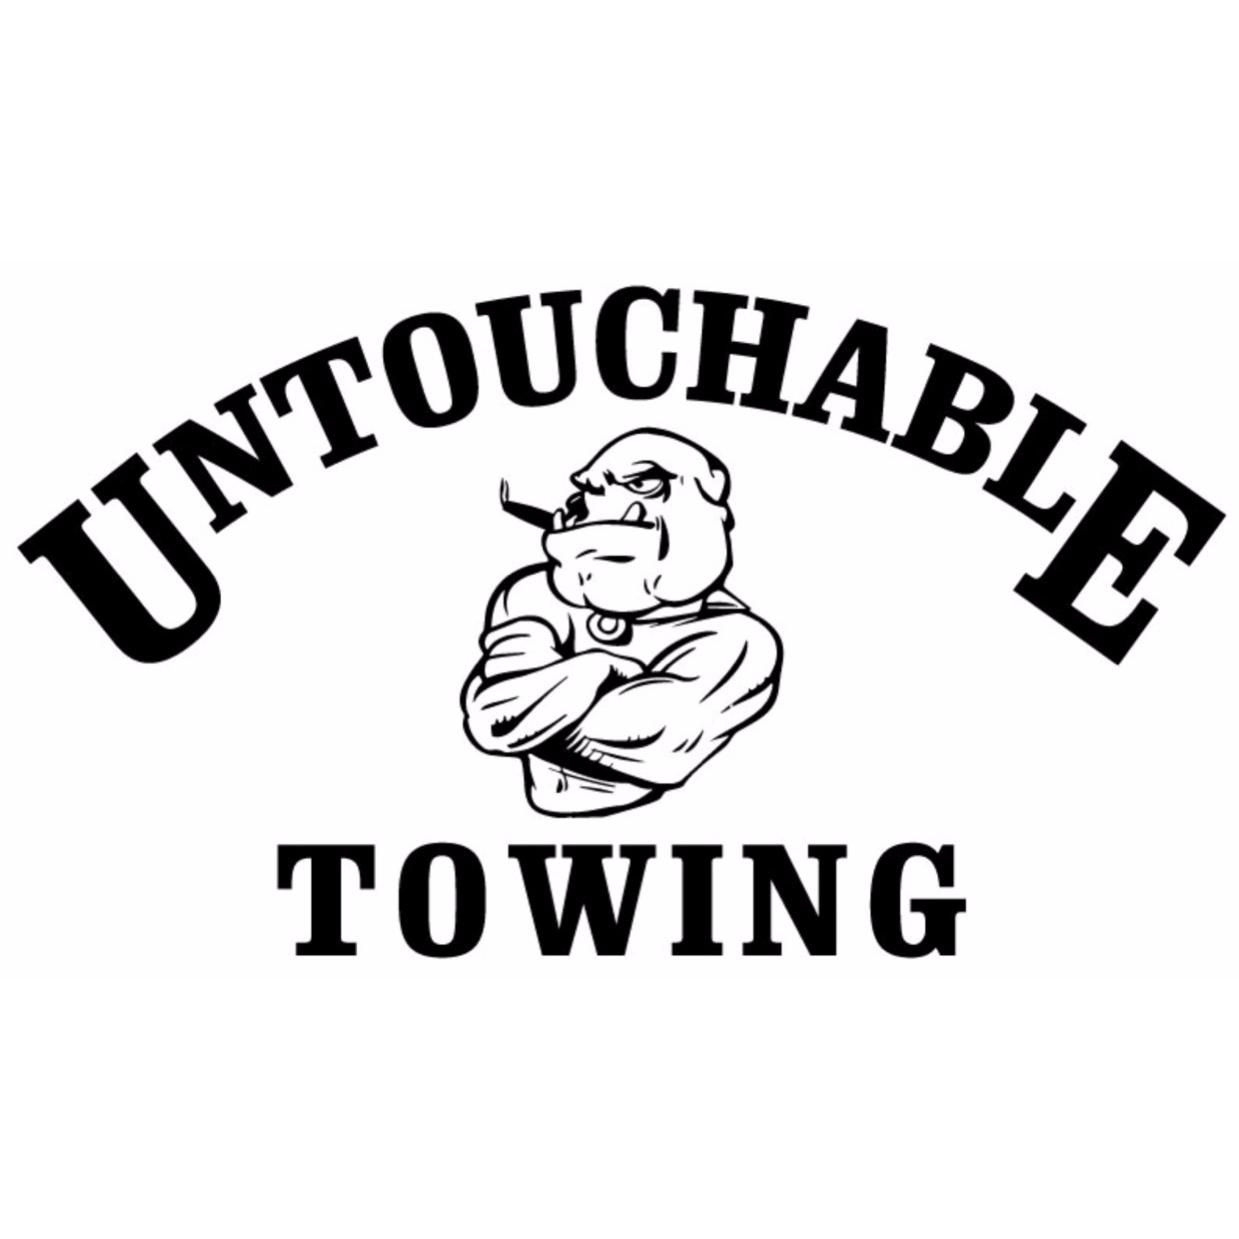 Untouchable Towing & Auto Repair, Middletown Connecticut ...